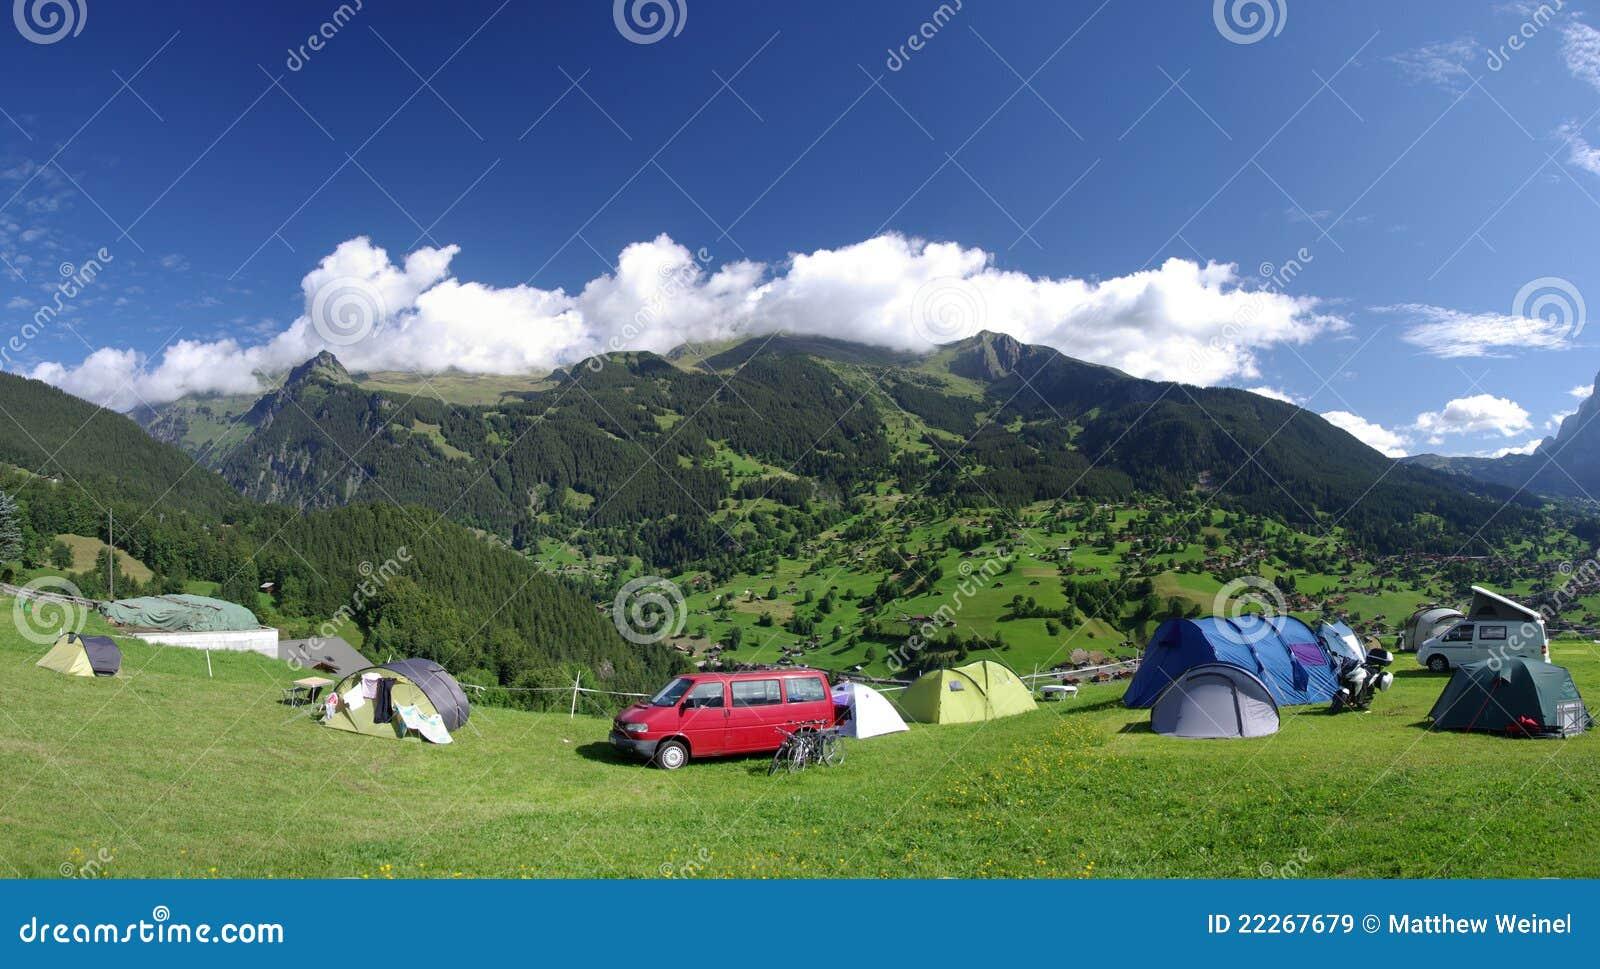 Campsite grindelwald